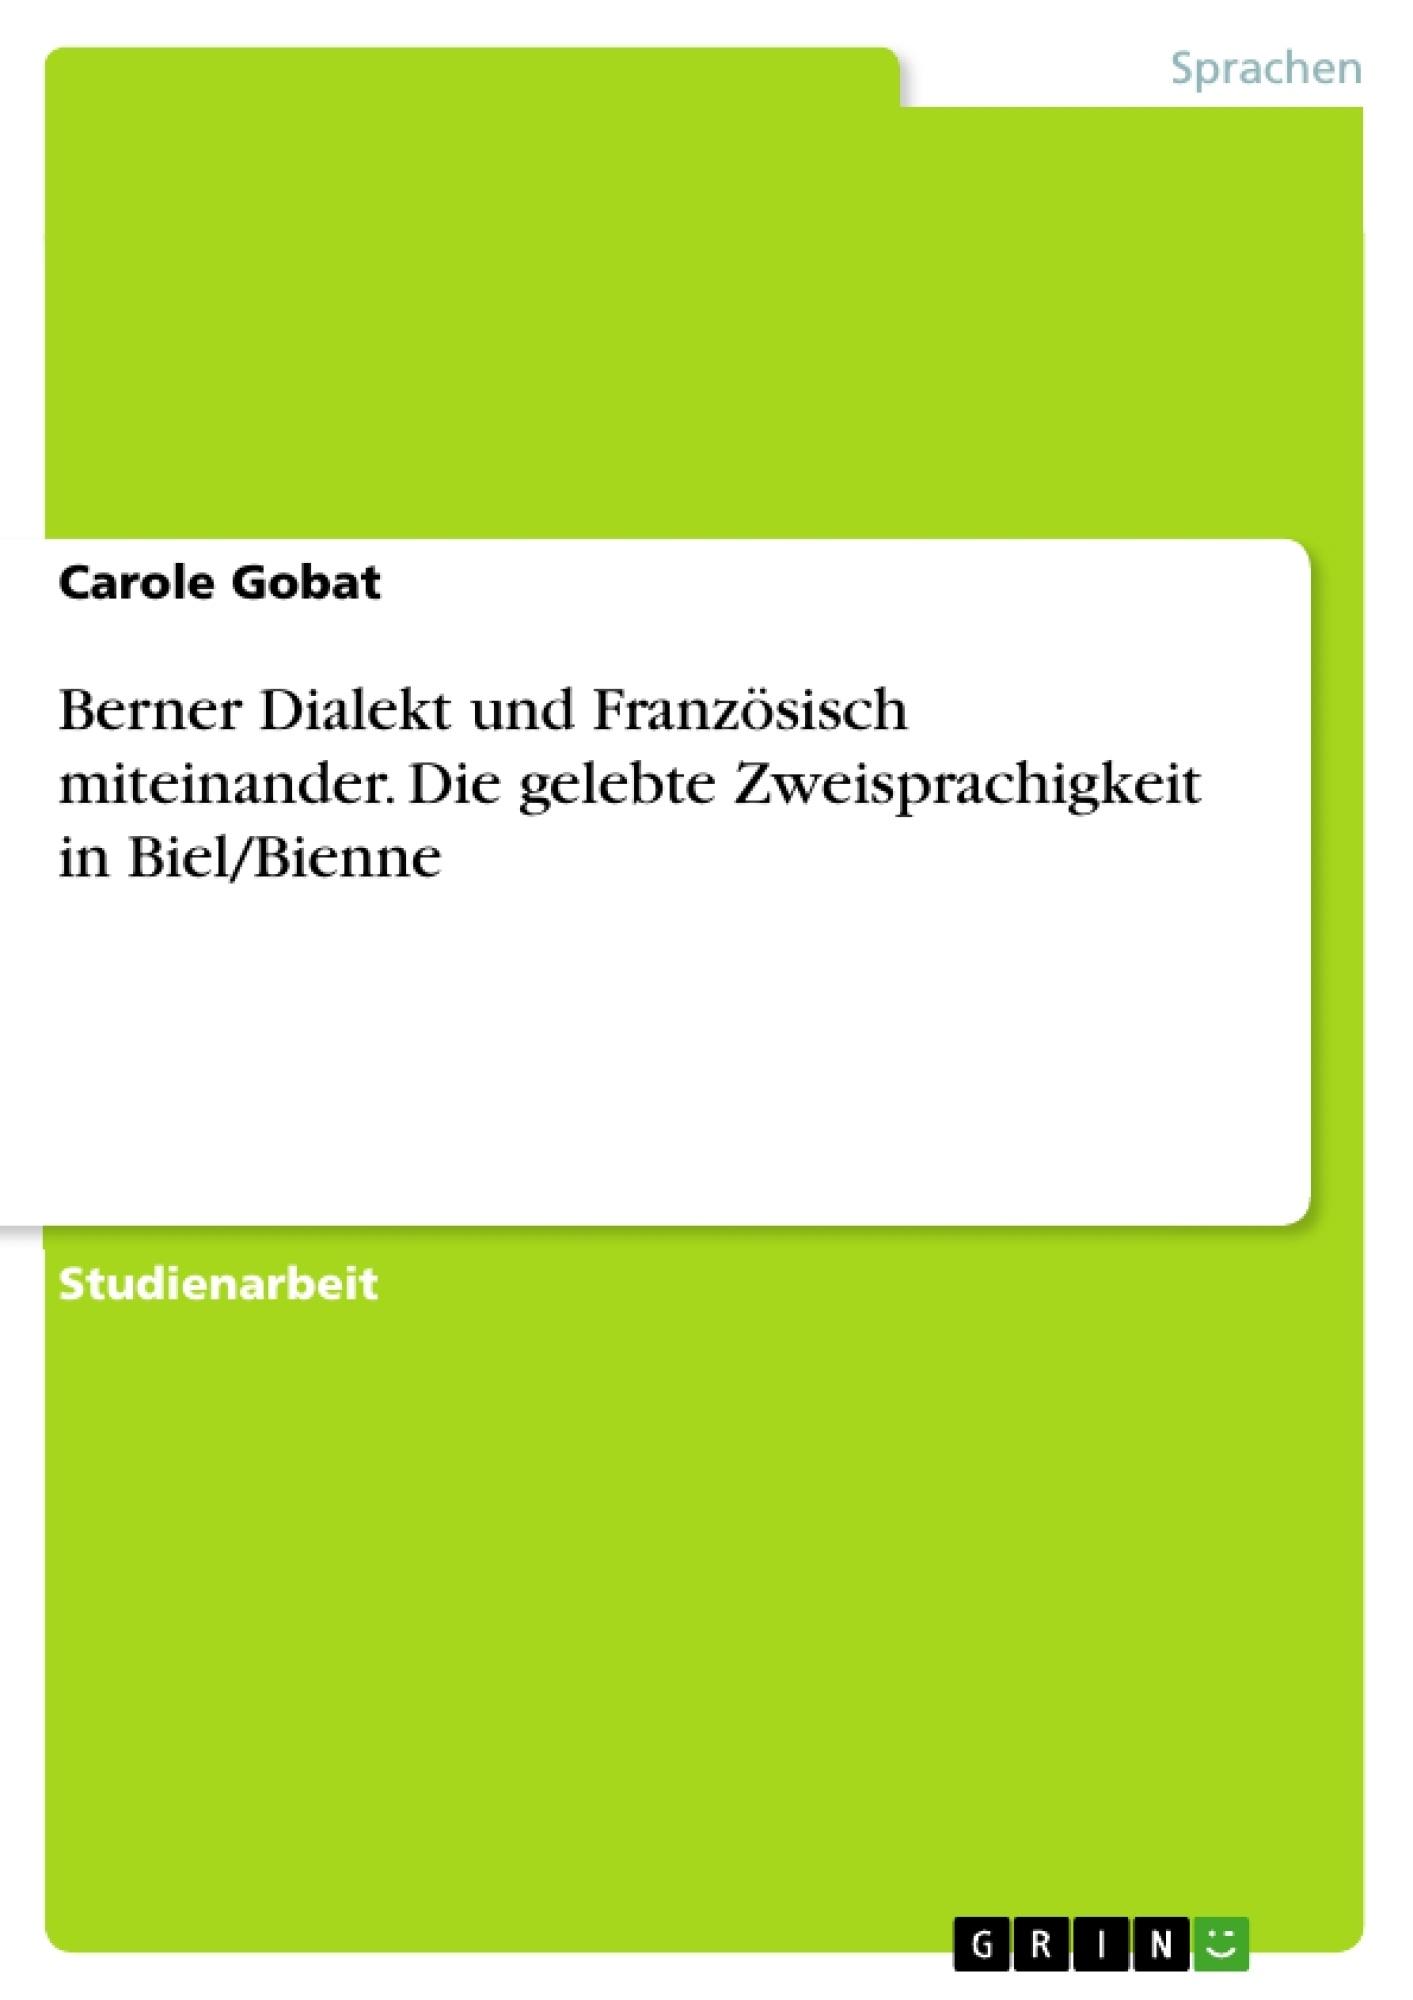 Titel: Berner Dialekt und Französisch miteinander. Die gelebte Zweisprachigkeit in Biel/Bienne